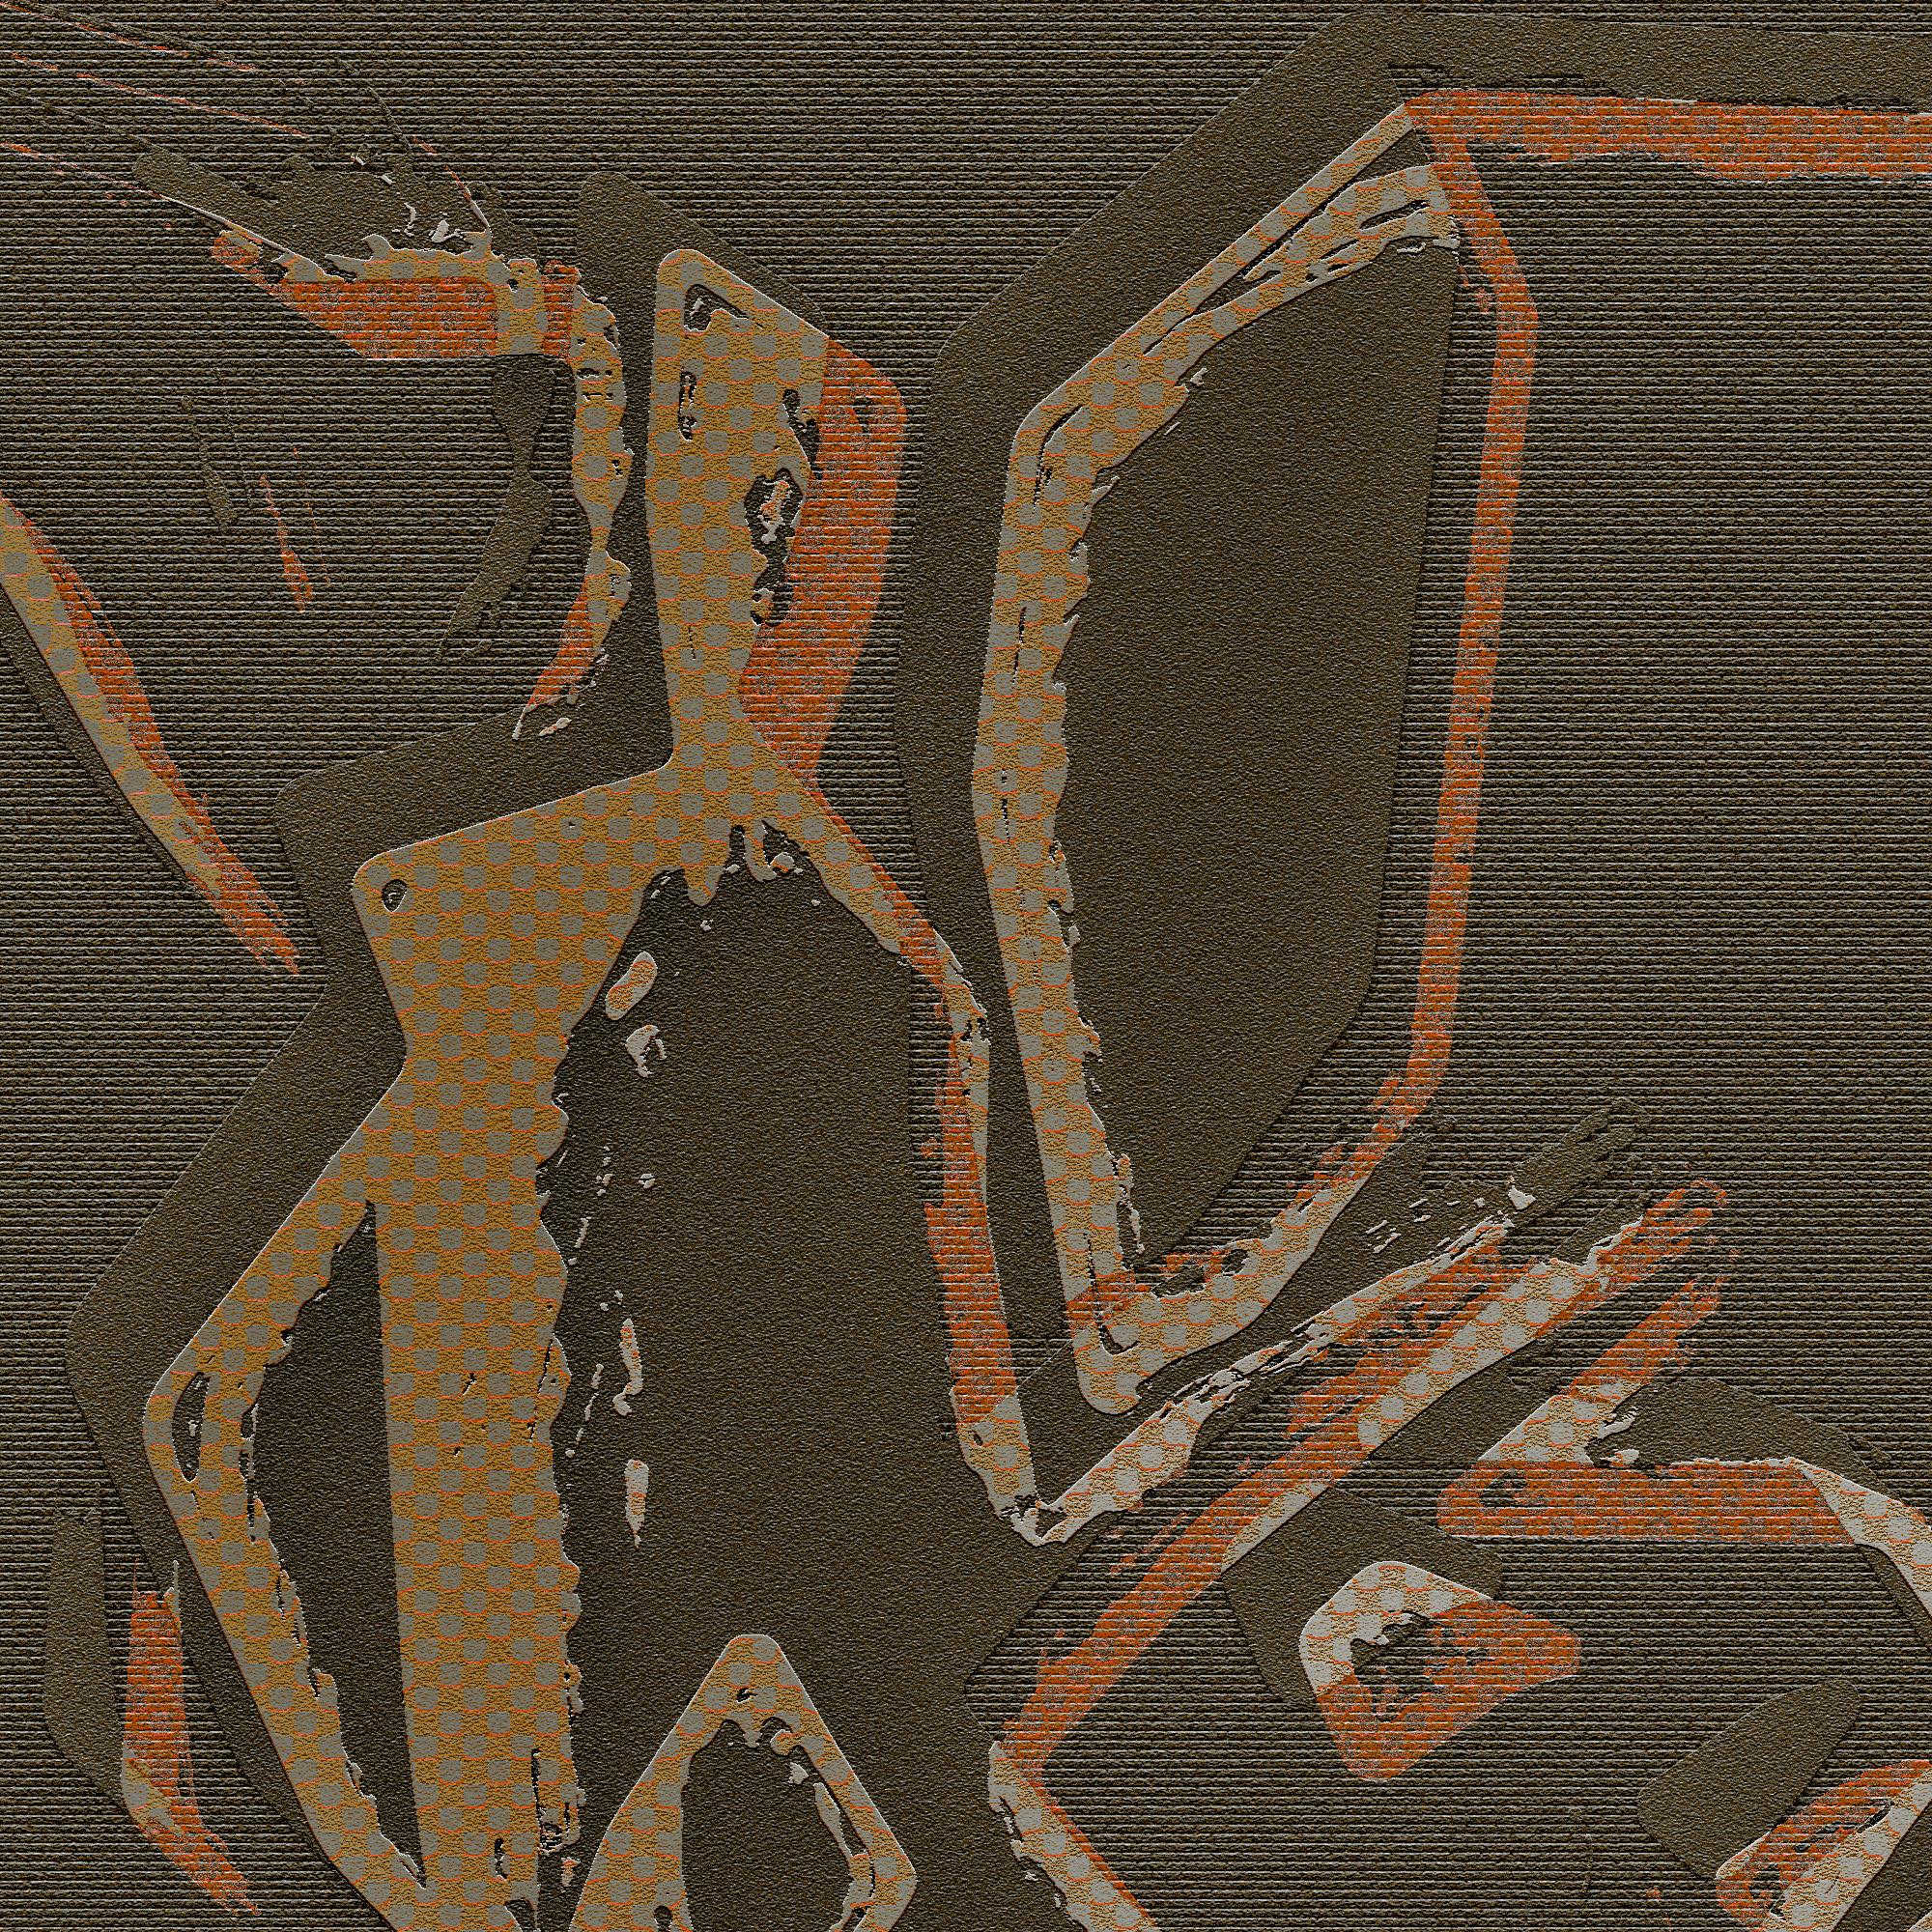 181031_Deaths_Mount_detail2.jpg